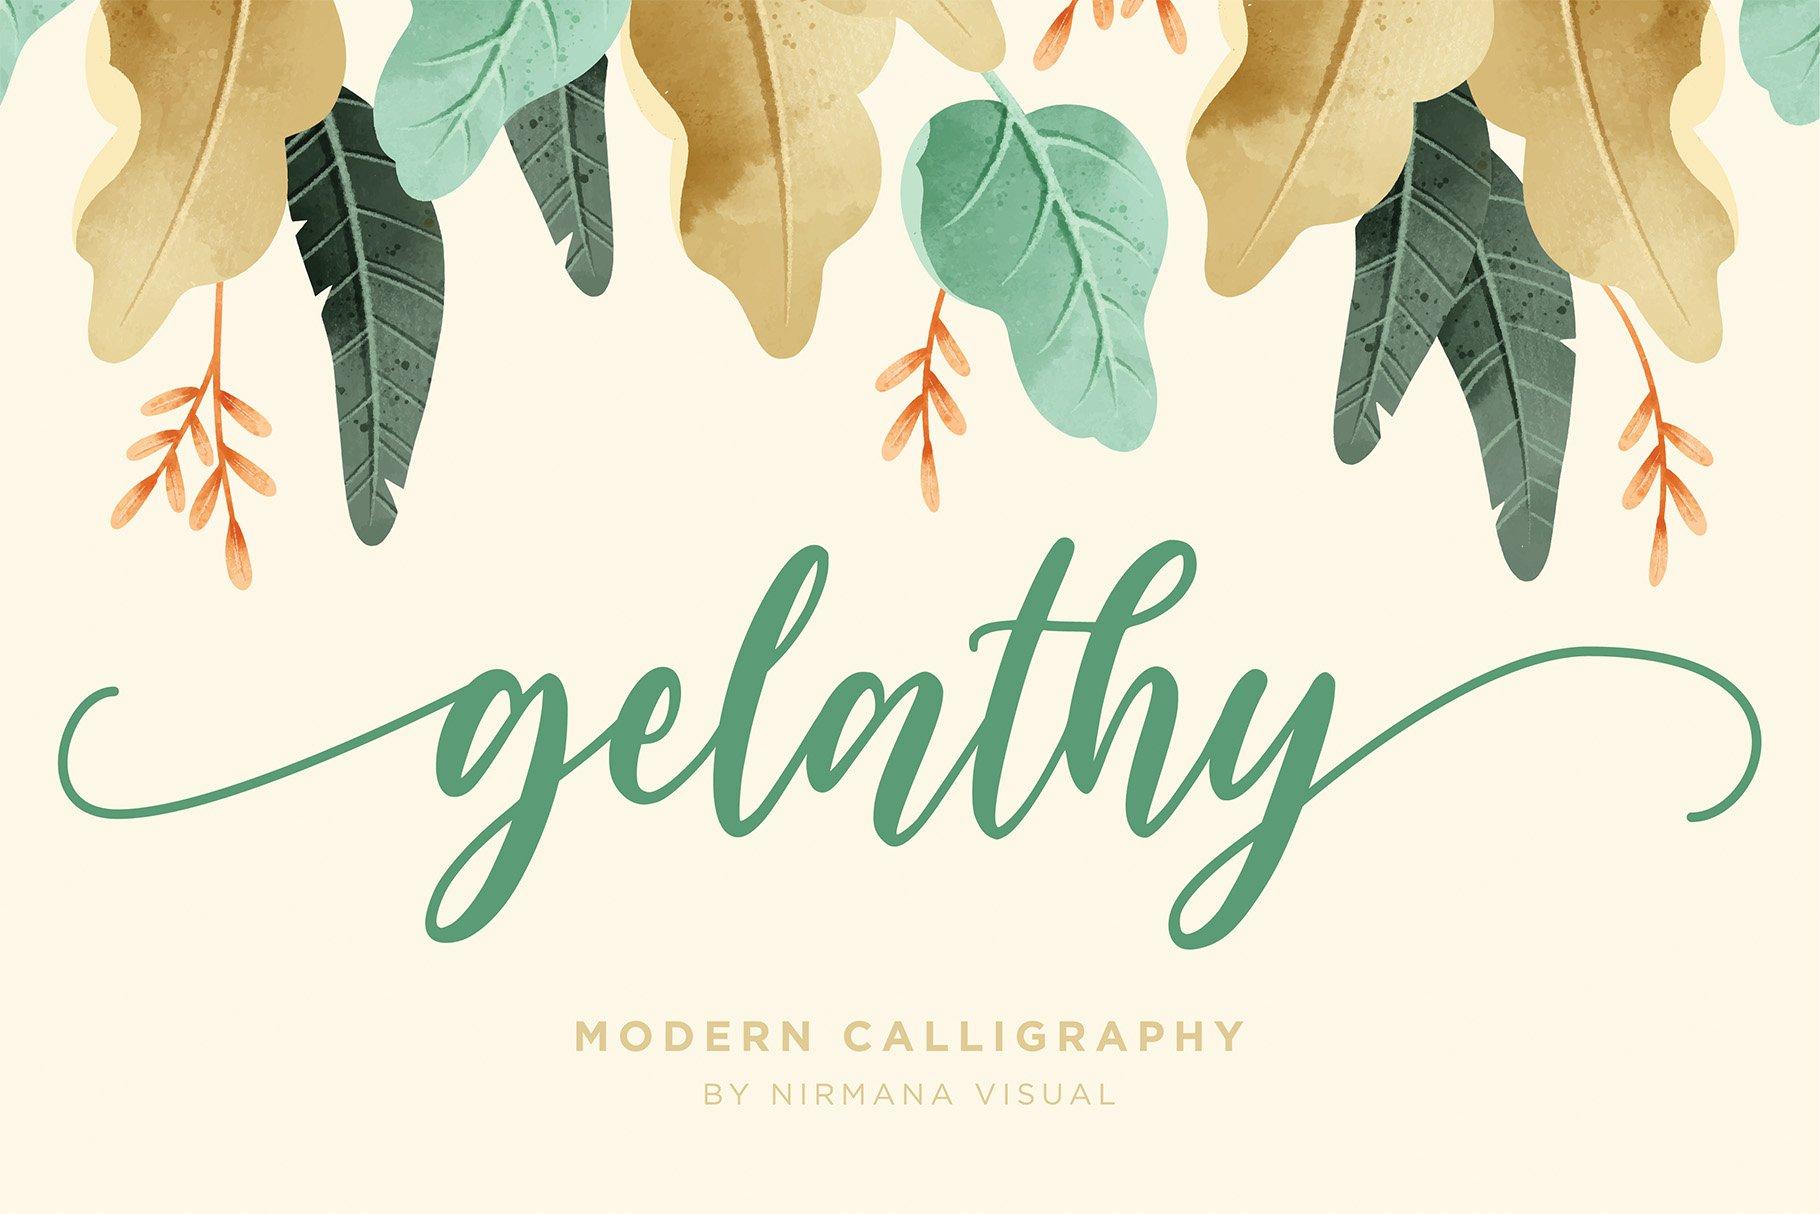 Gelathy - Modern Calligraphy example image 1